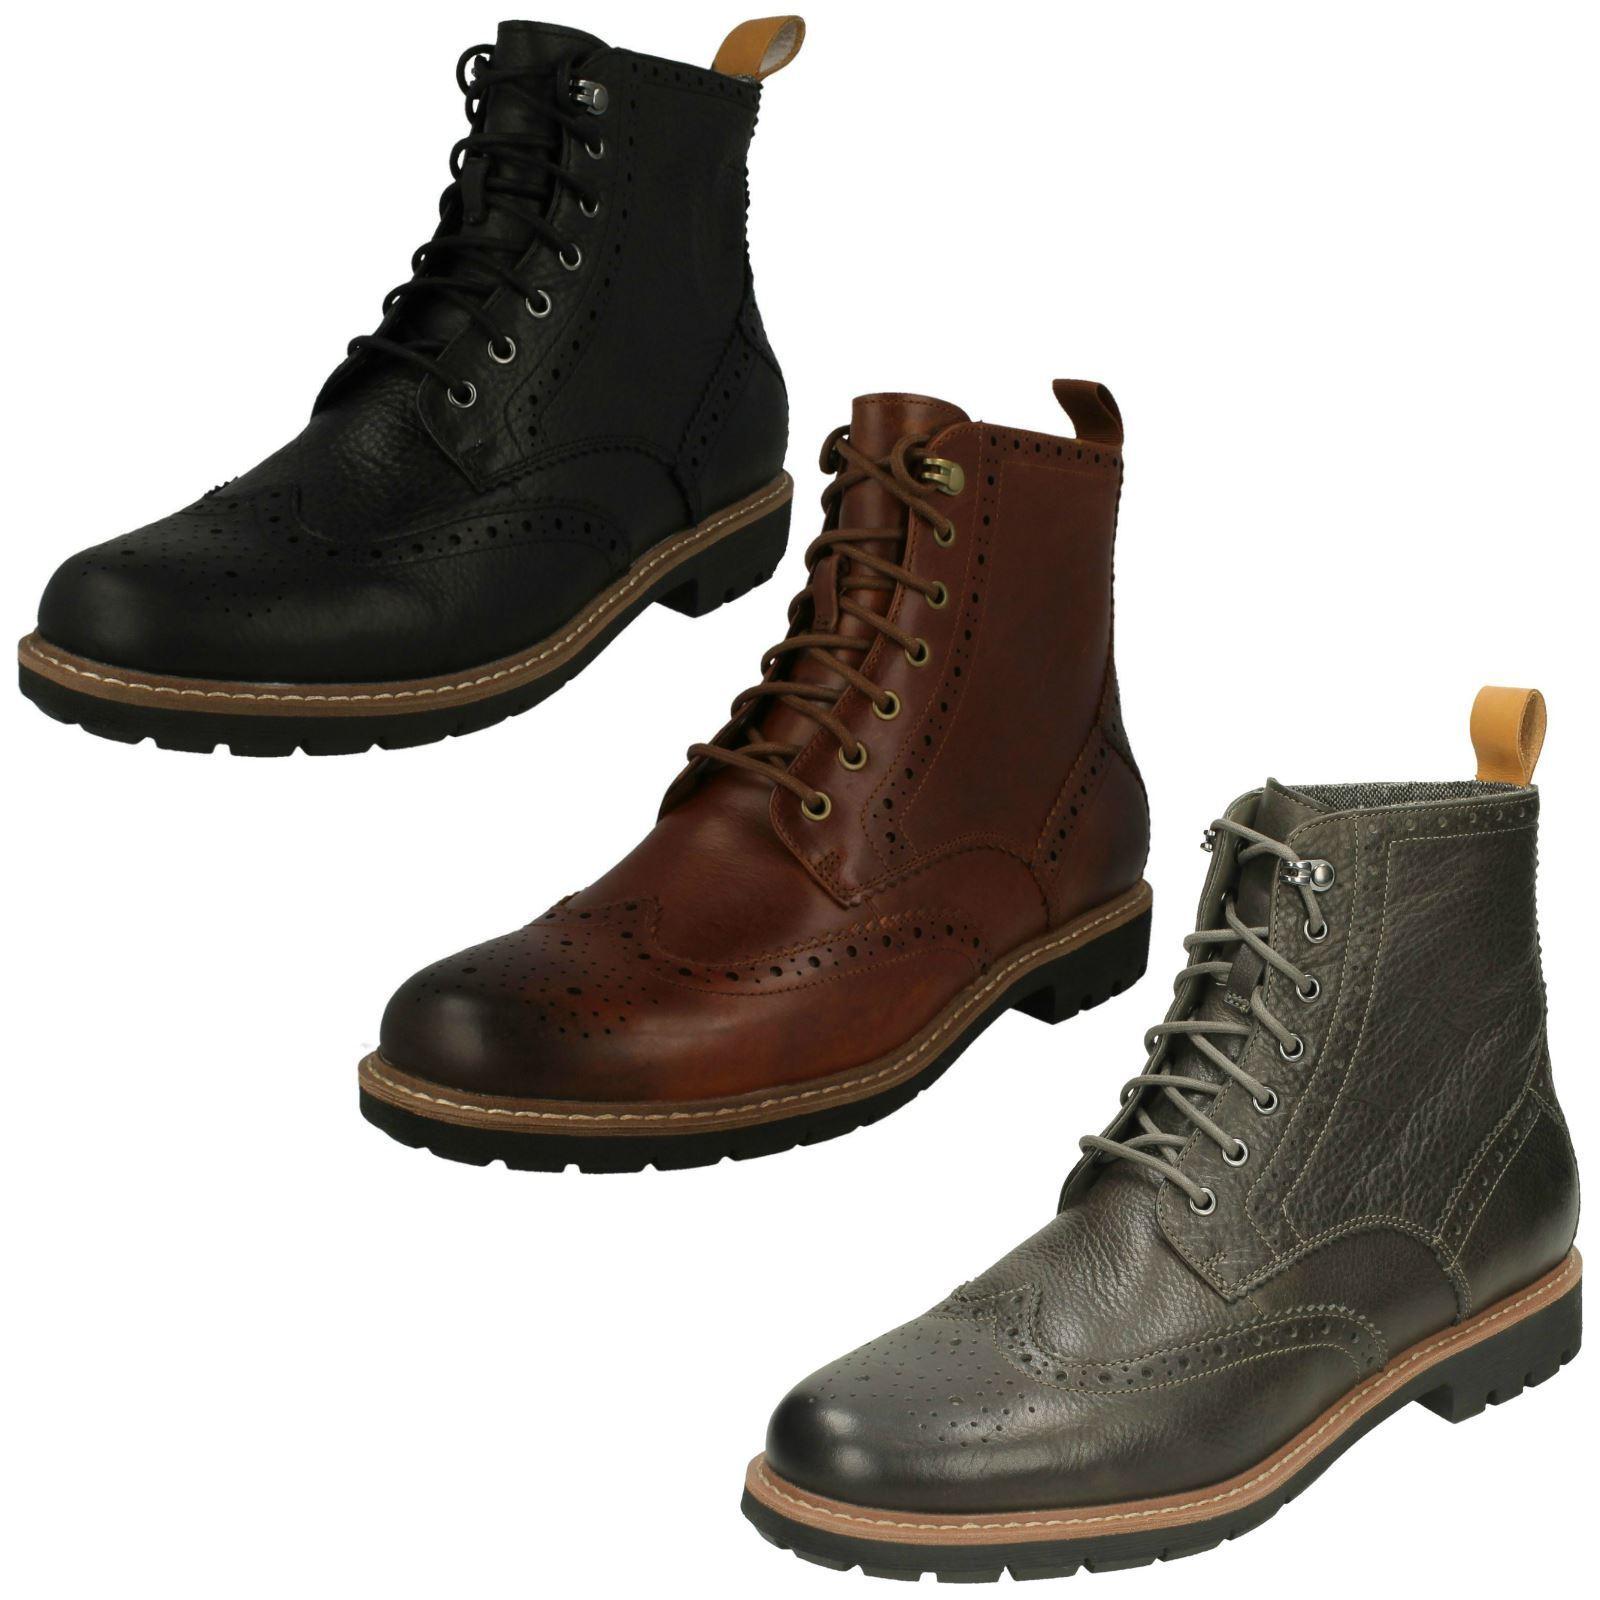 Para hombre-Clarks-Brogue botas al tobillo-batcombe Lord